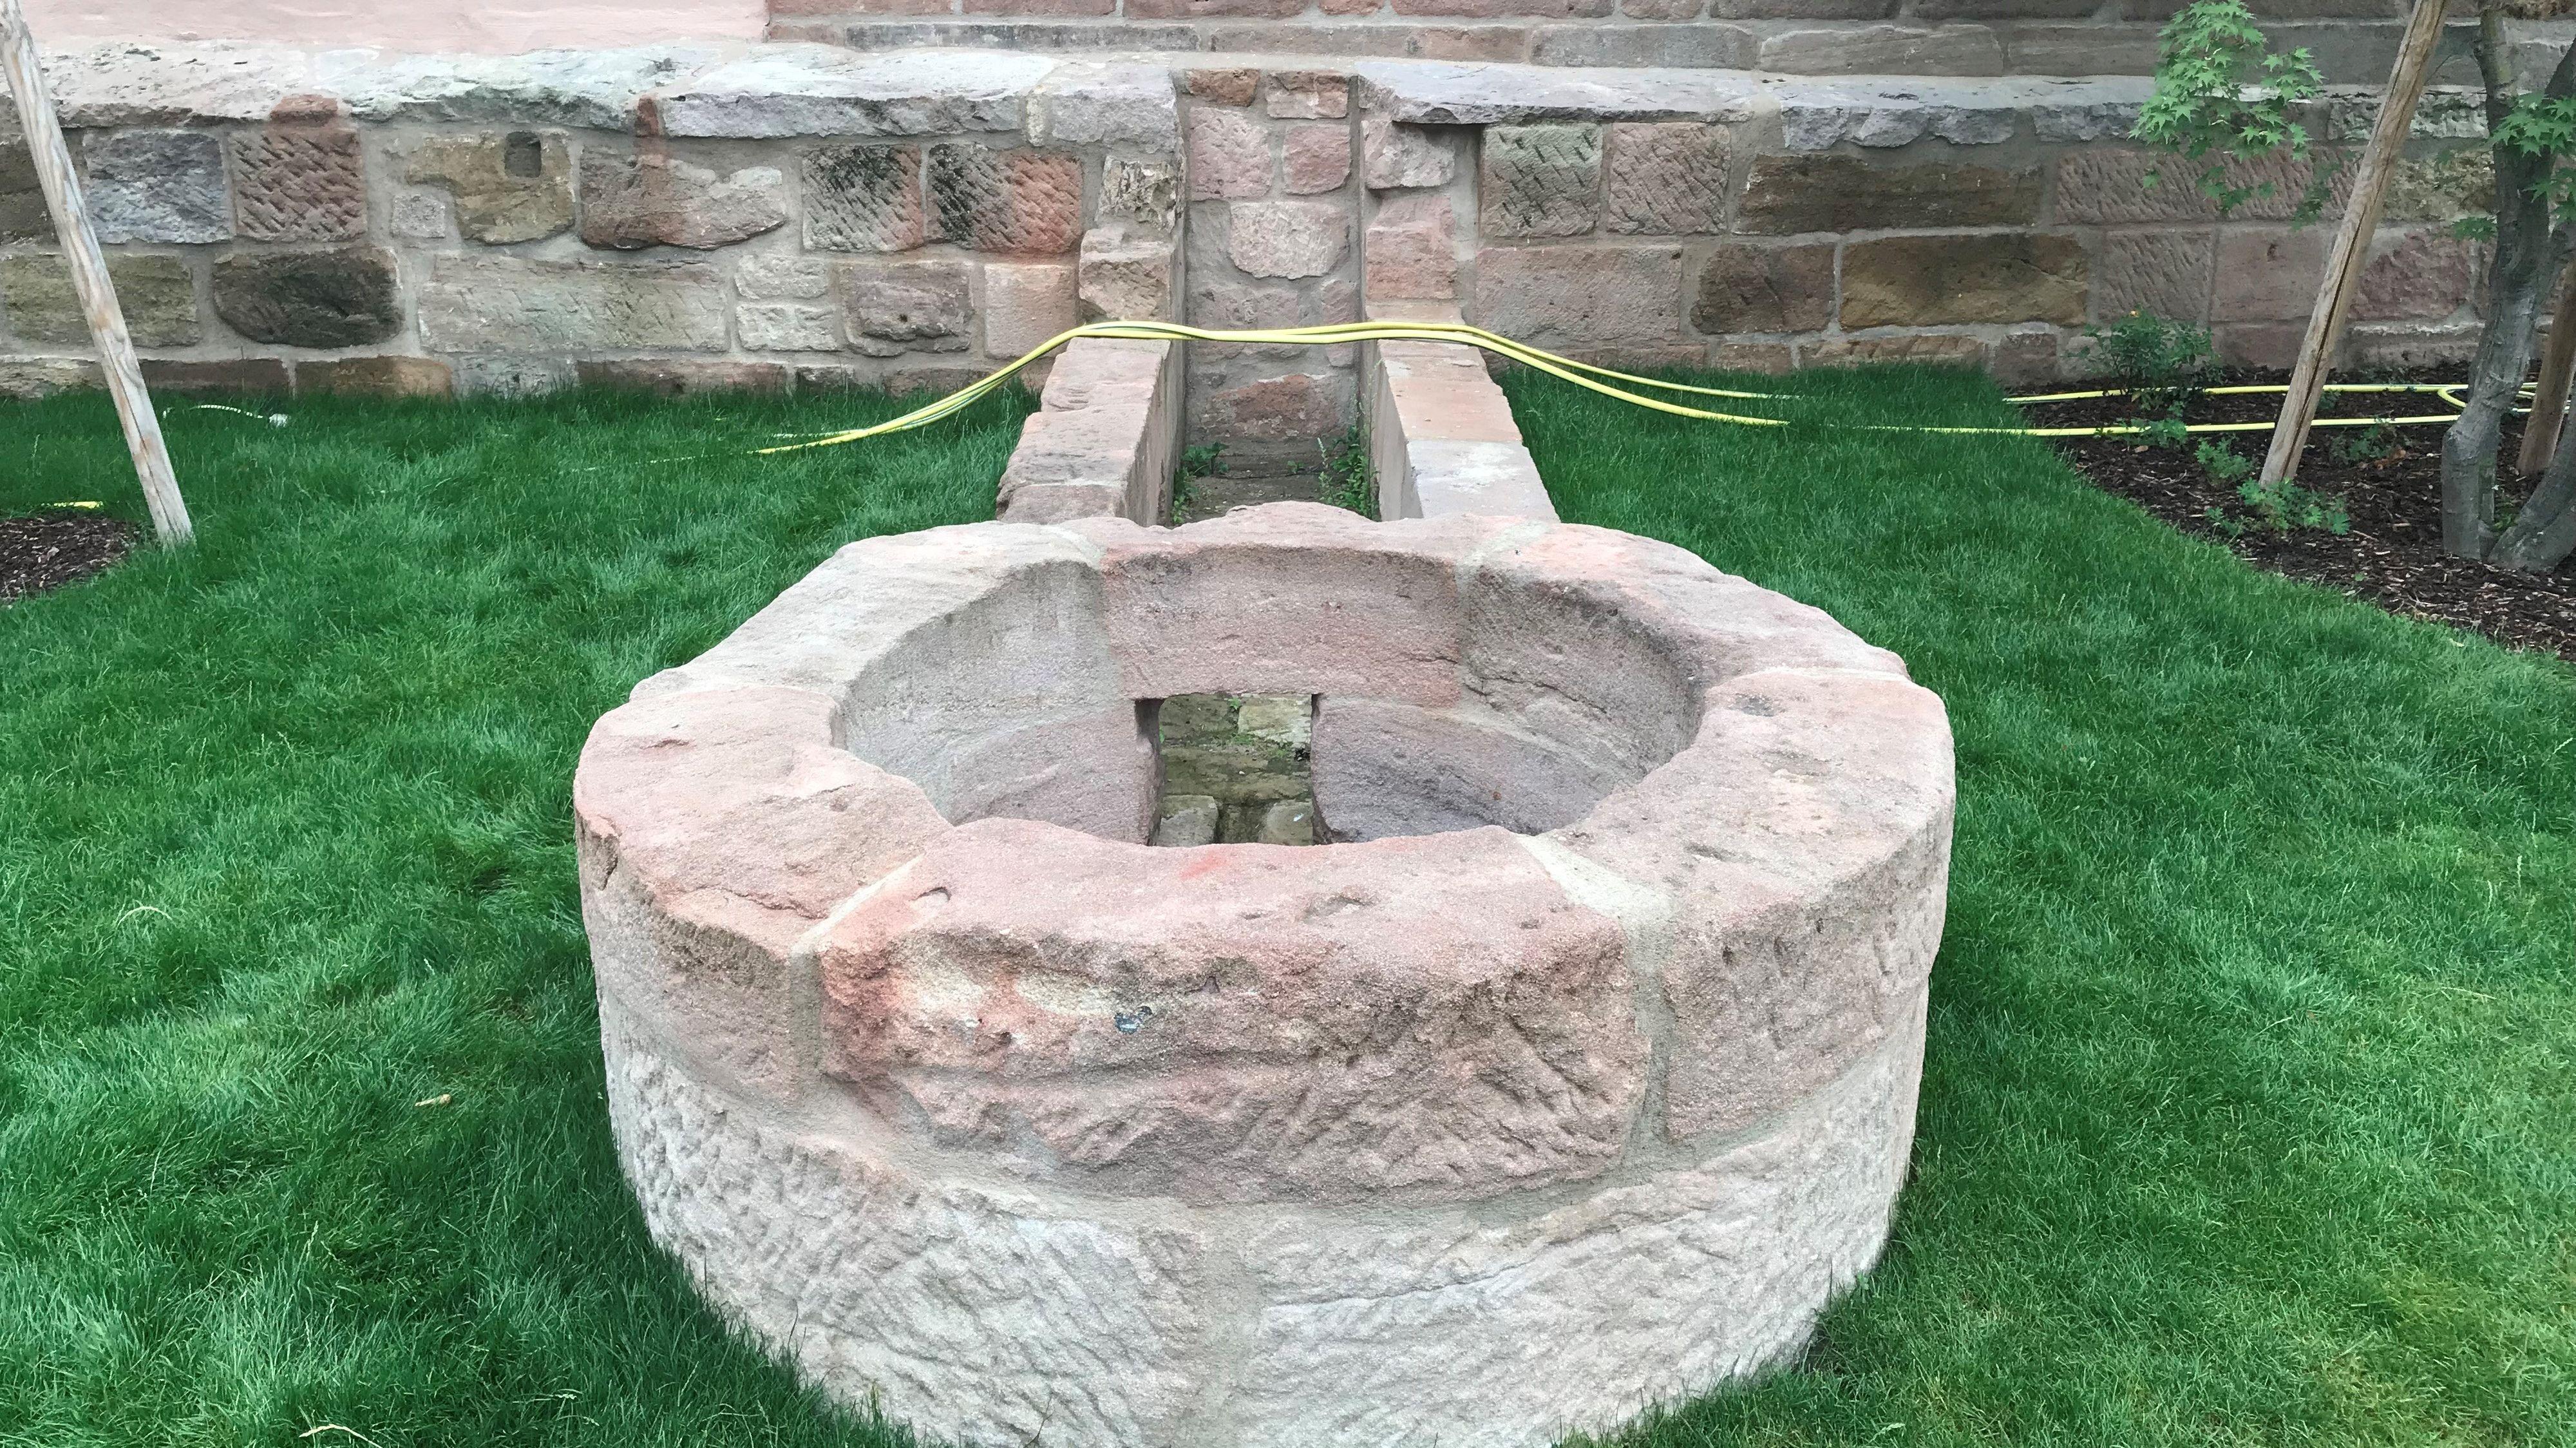 Der Mittelalterliche Rundbrunnen aus Sandstein wurde bei Sanierungsarbeiten in der Nürnberger Innenstadt entdeckt.